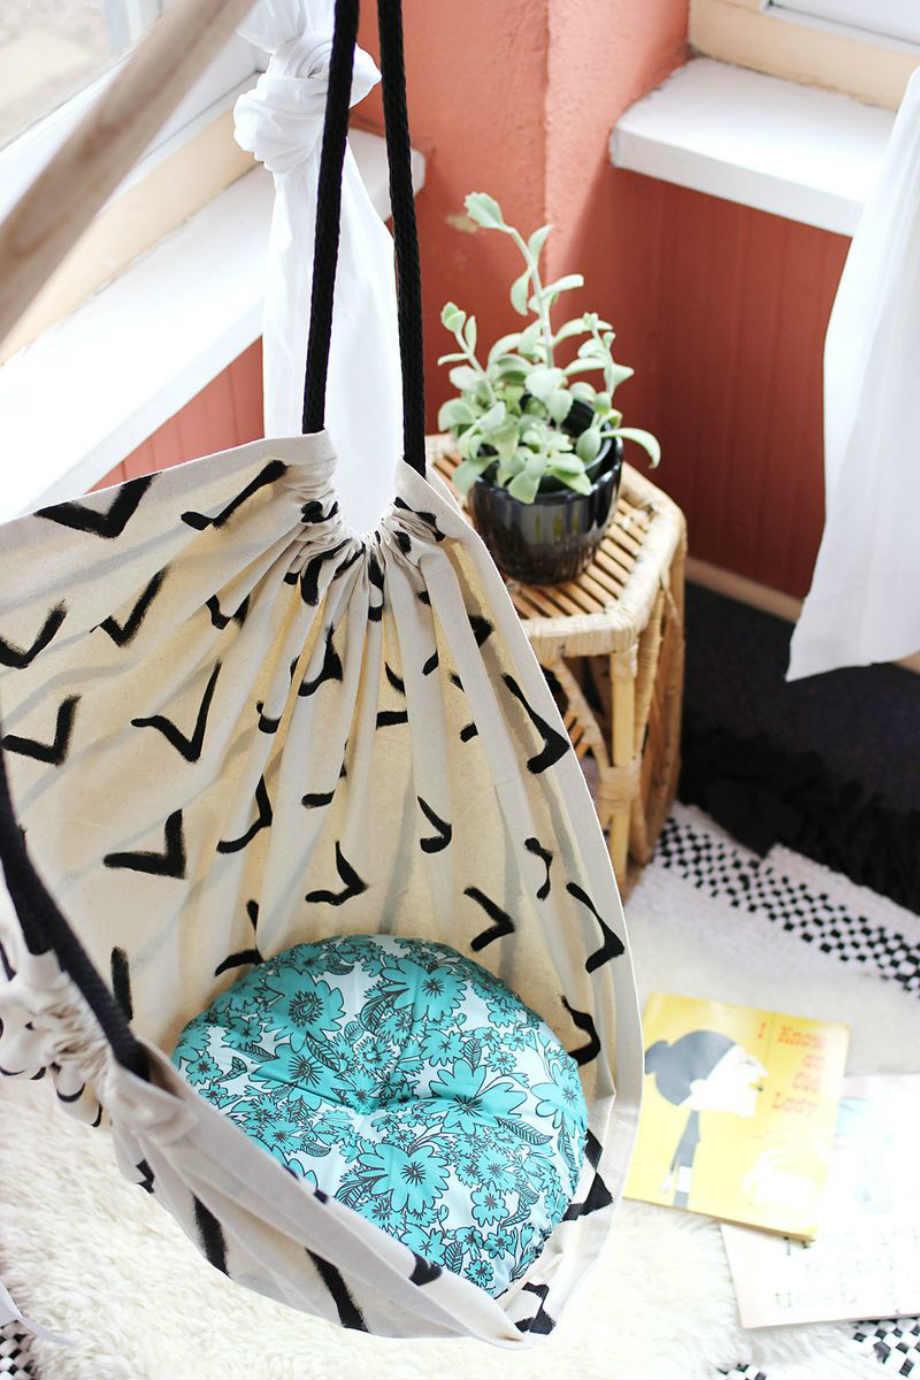 Για μεγαλύτερη άνεση, τοποθετήστε ένα μαξιλάρι στην κρεμαστή καρέκλα σας.